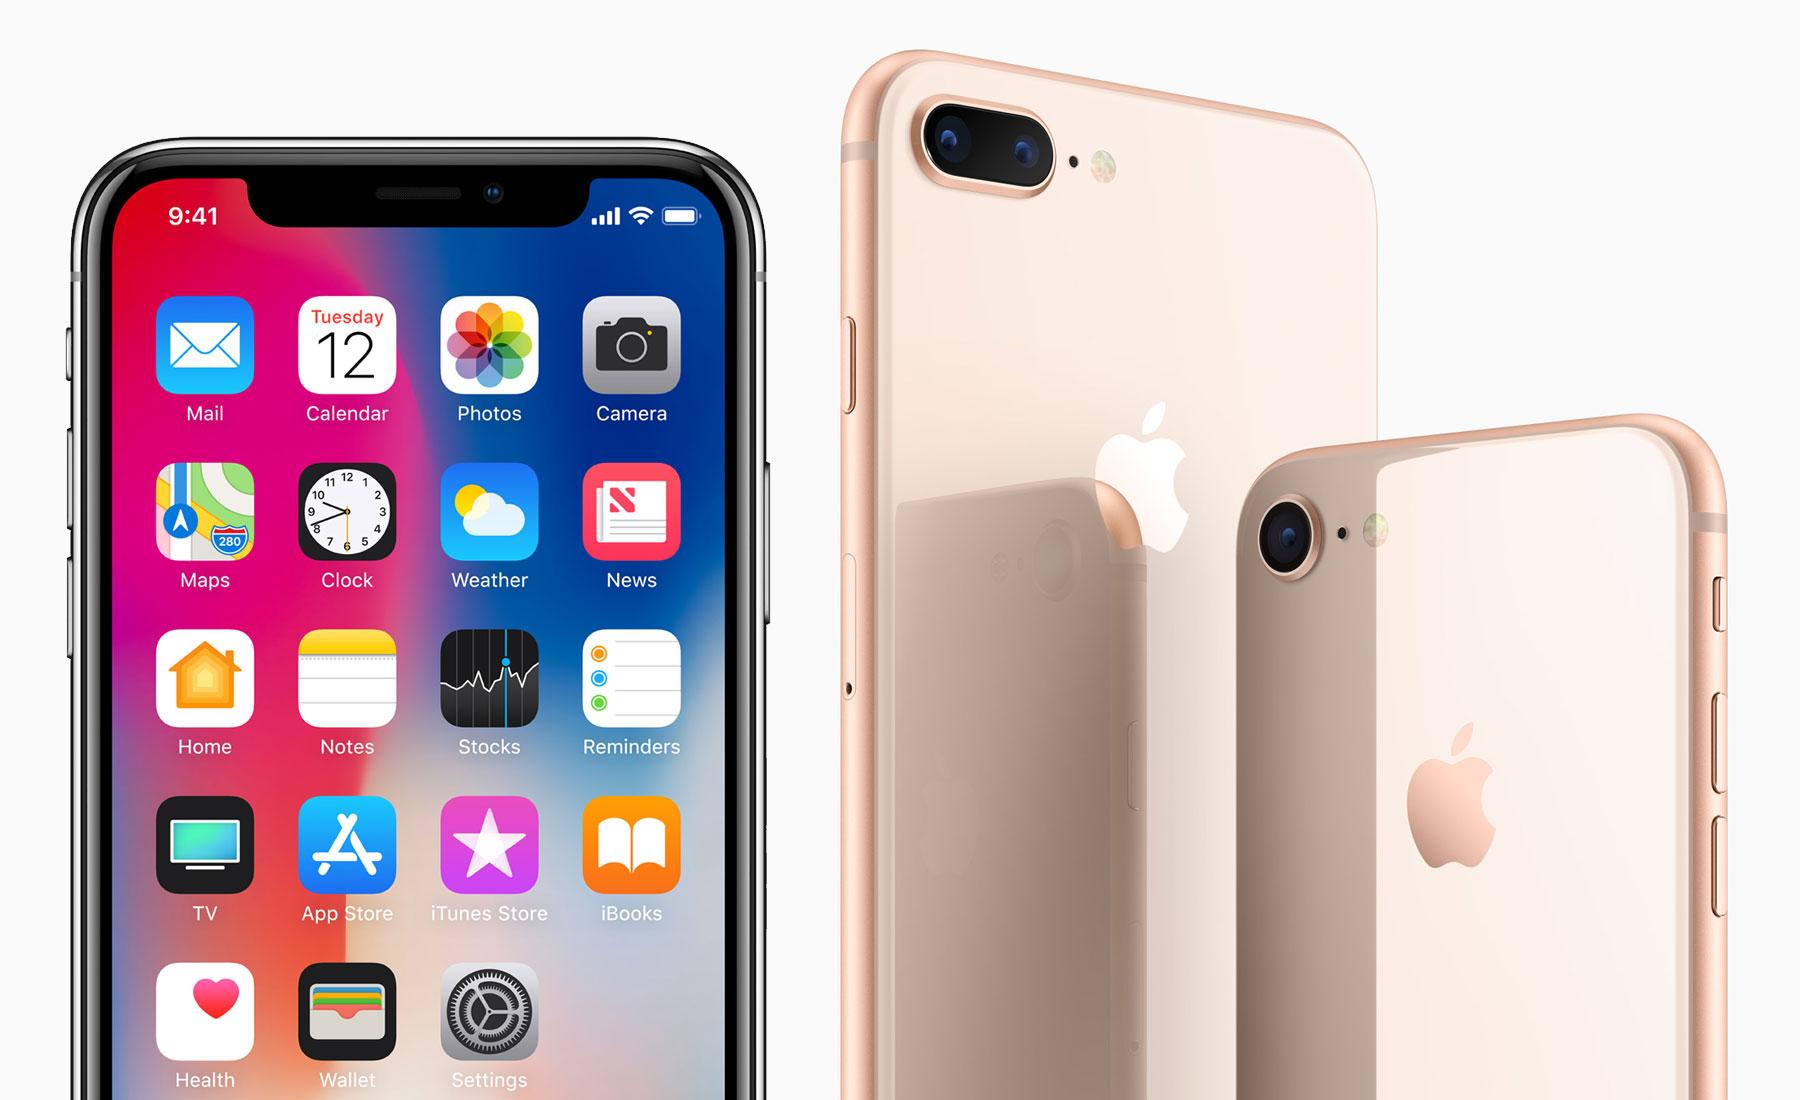 أبل تطلق أكبر هواتف ايفون بشاشة 6.5 بوصة خلال العام الجاري